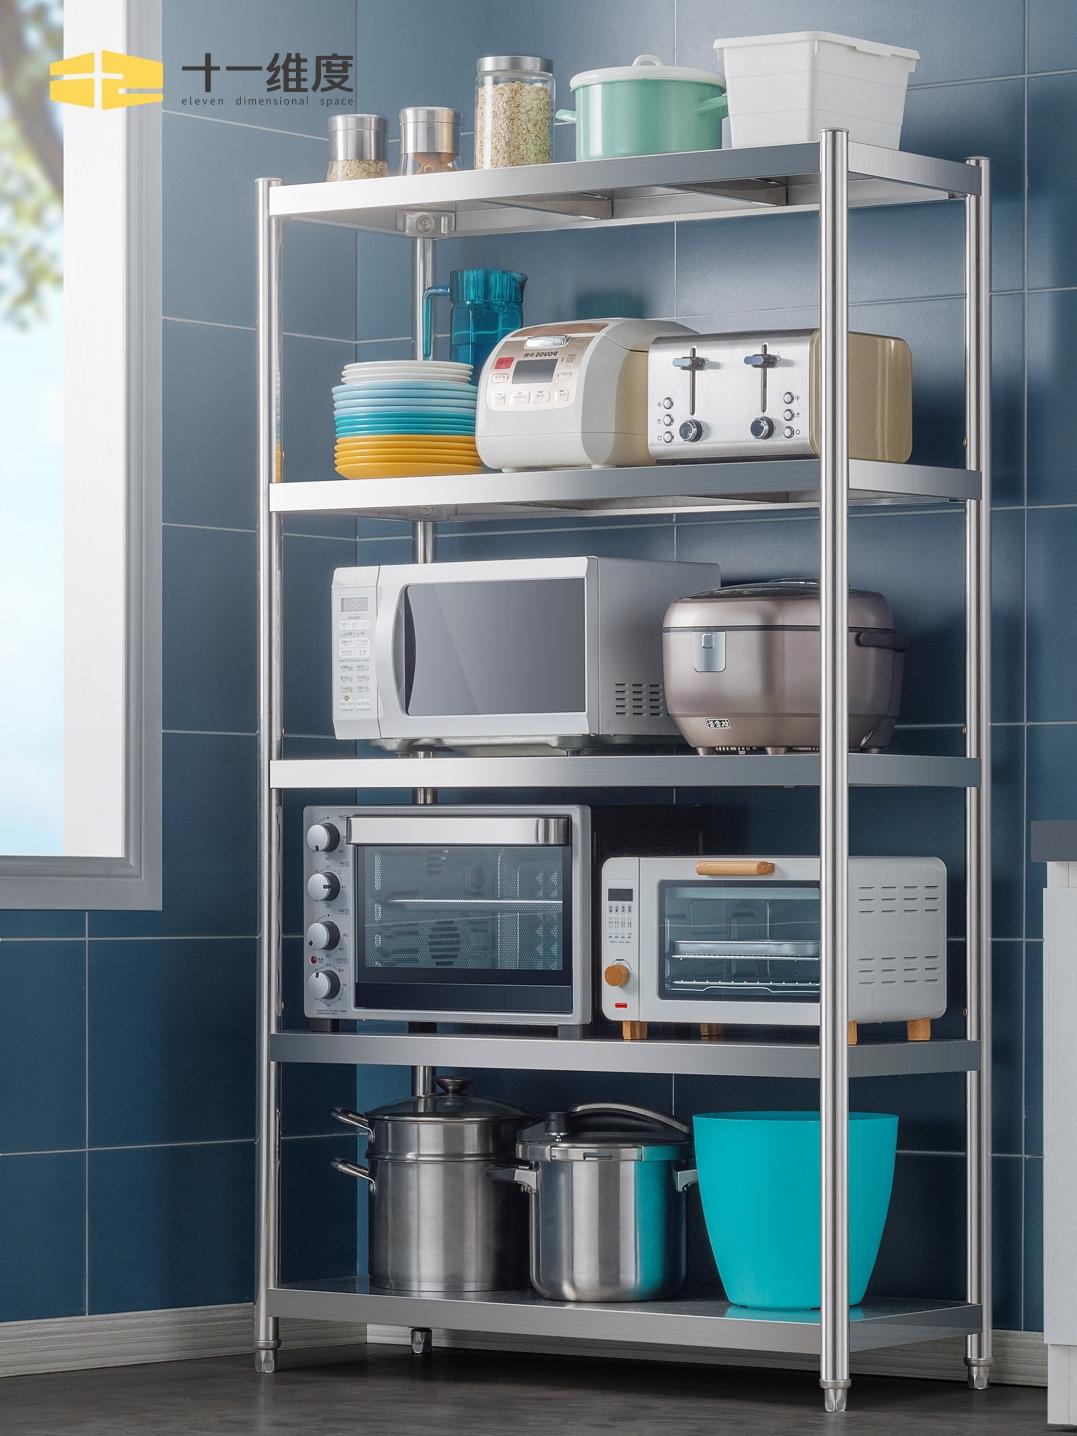 十一维度厨房置物架落地式多层微波炉架子收纳不锈钢省空间烤箱架